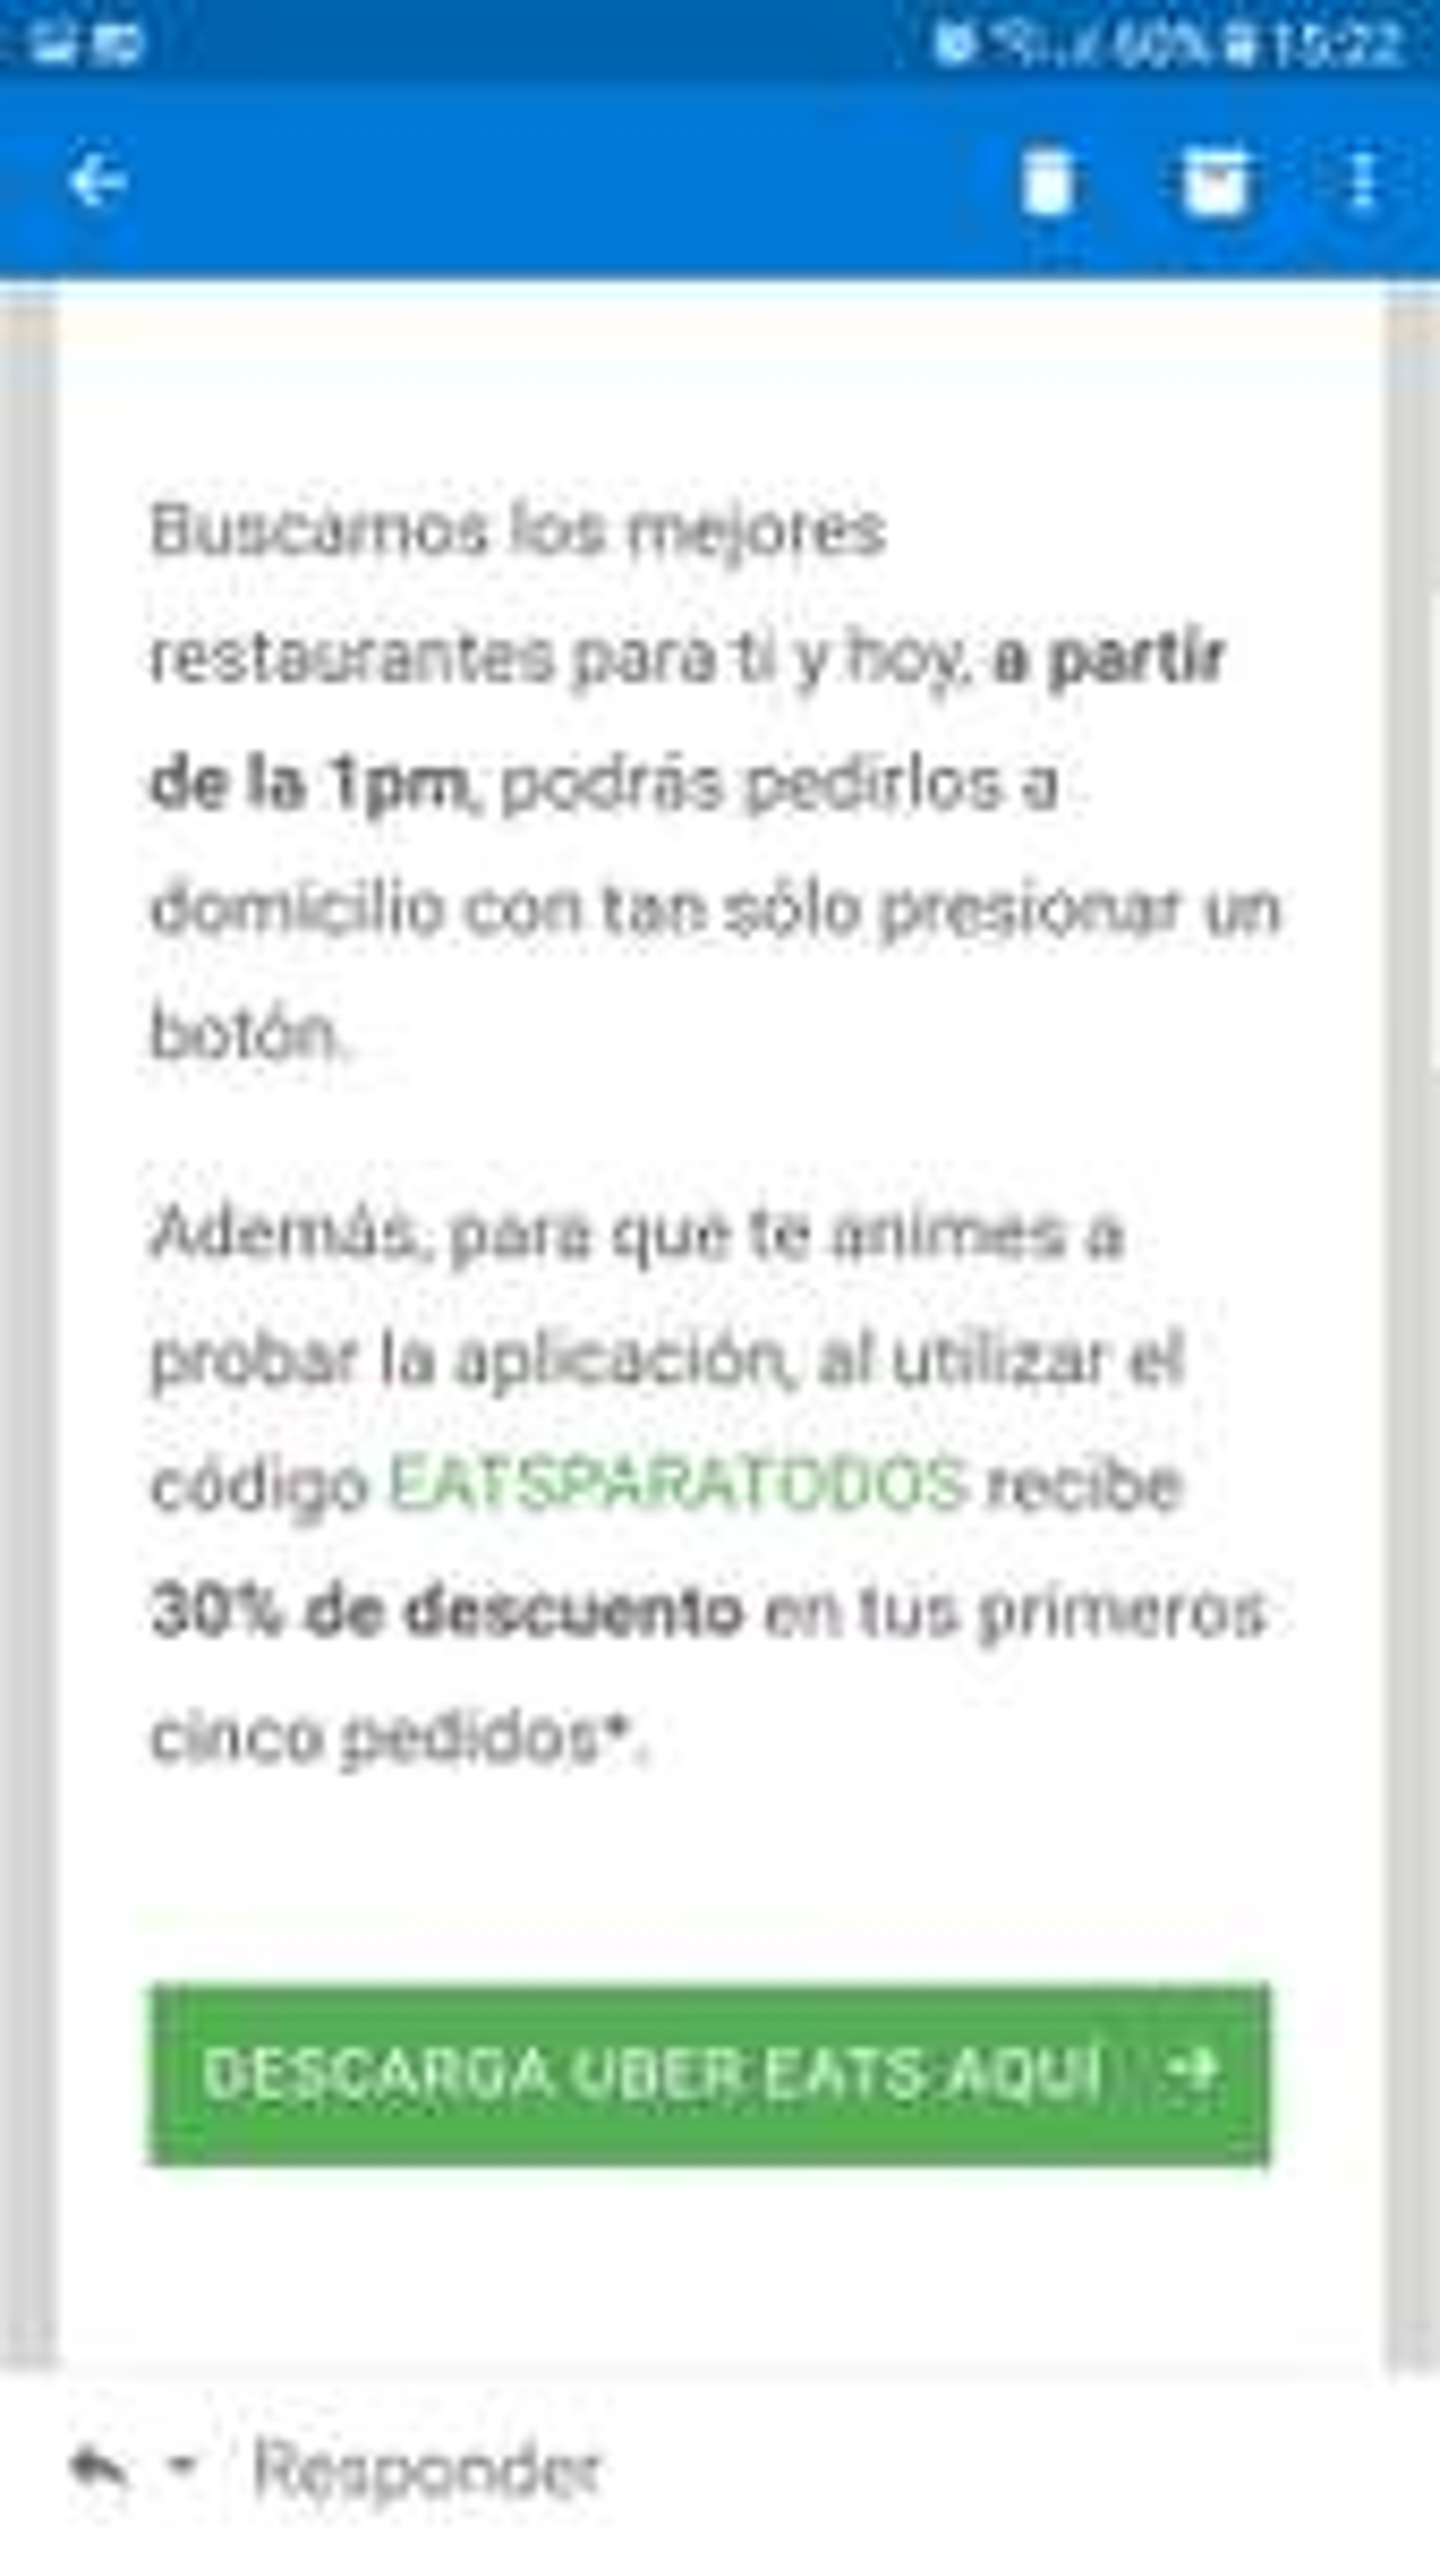 Uber Eats llega a guanajuato y ofrece 30% de descuento